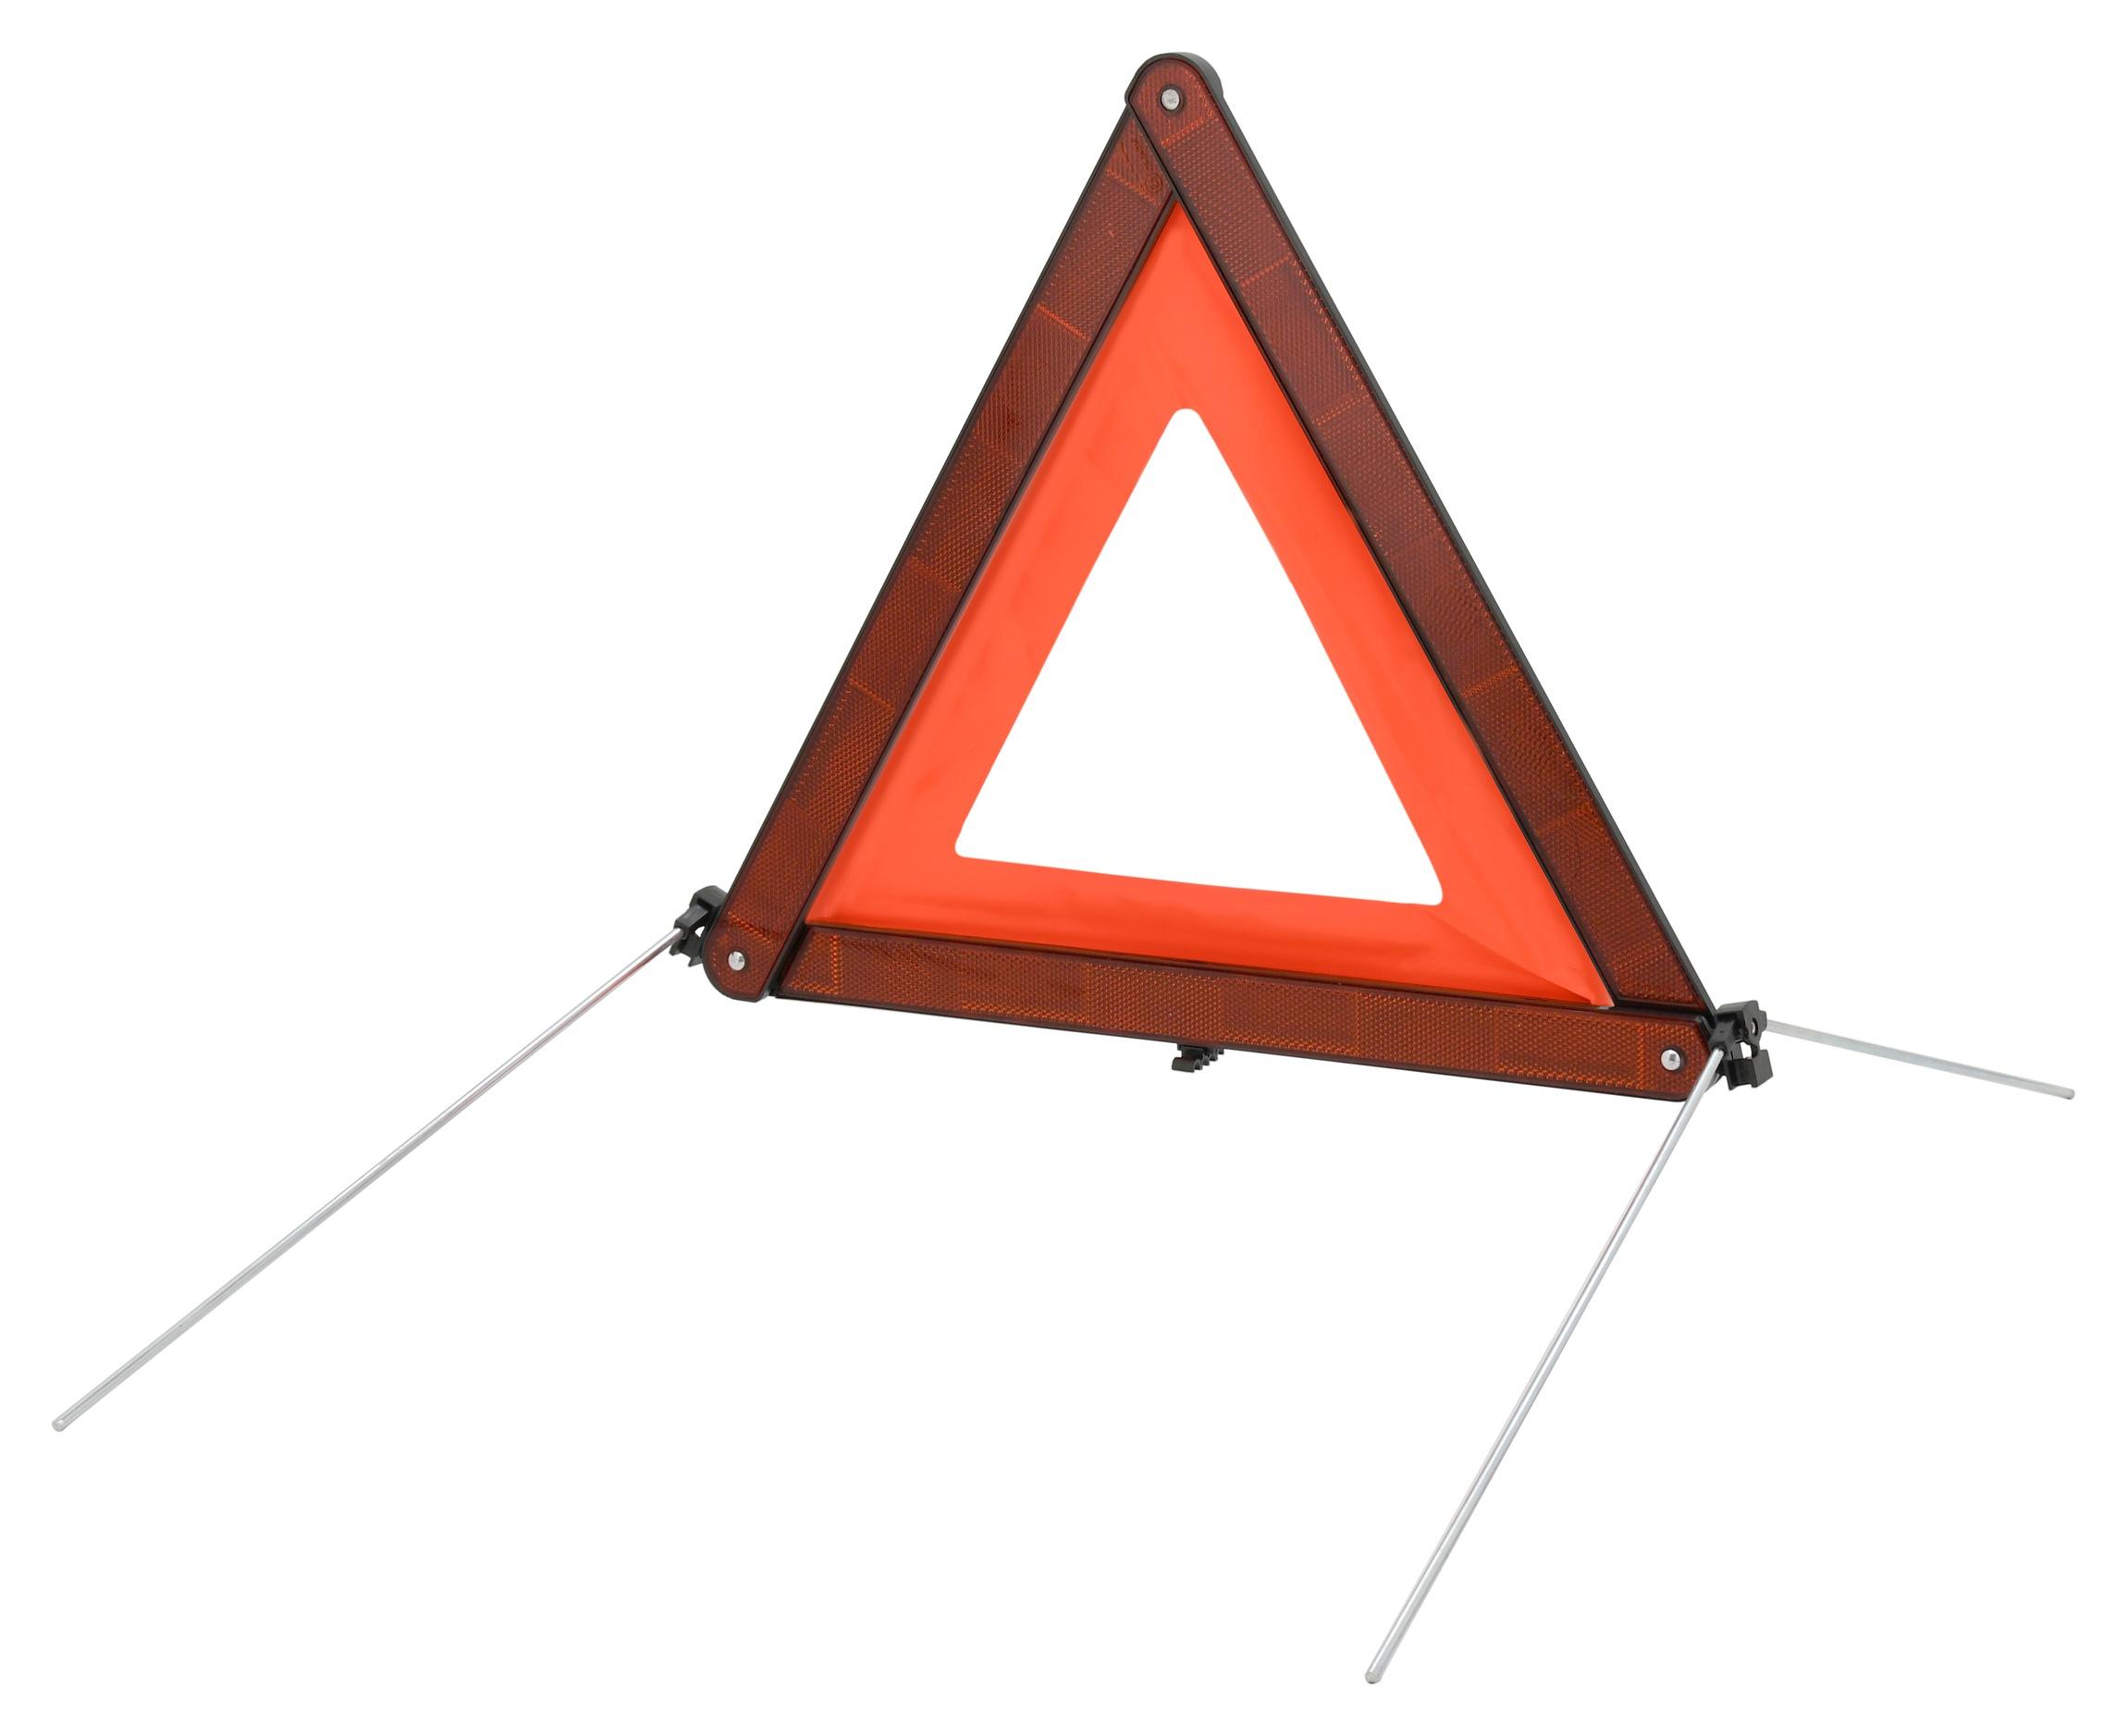 Trojúhelník výstražný EU E8, 01522